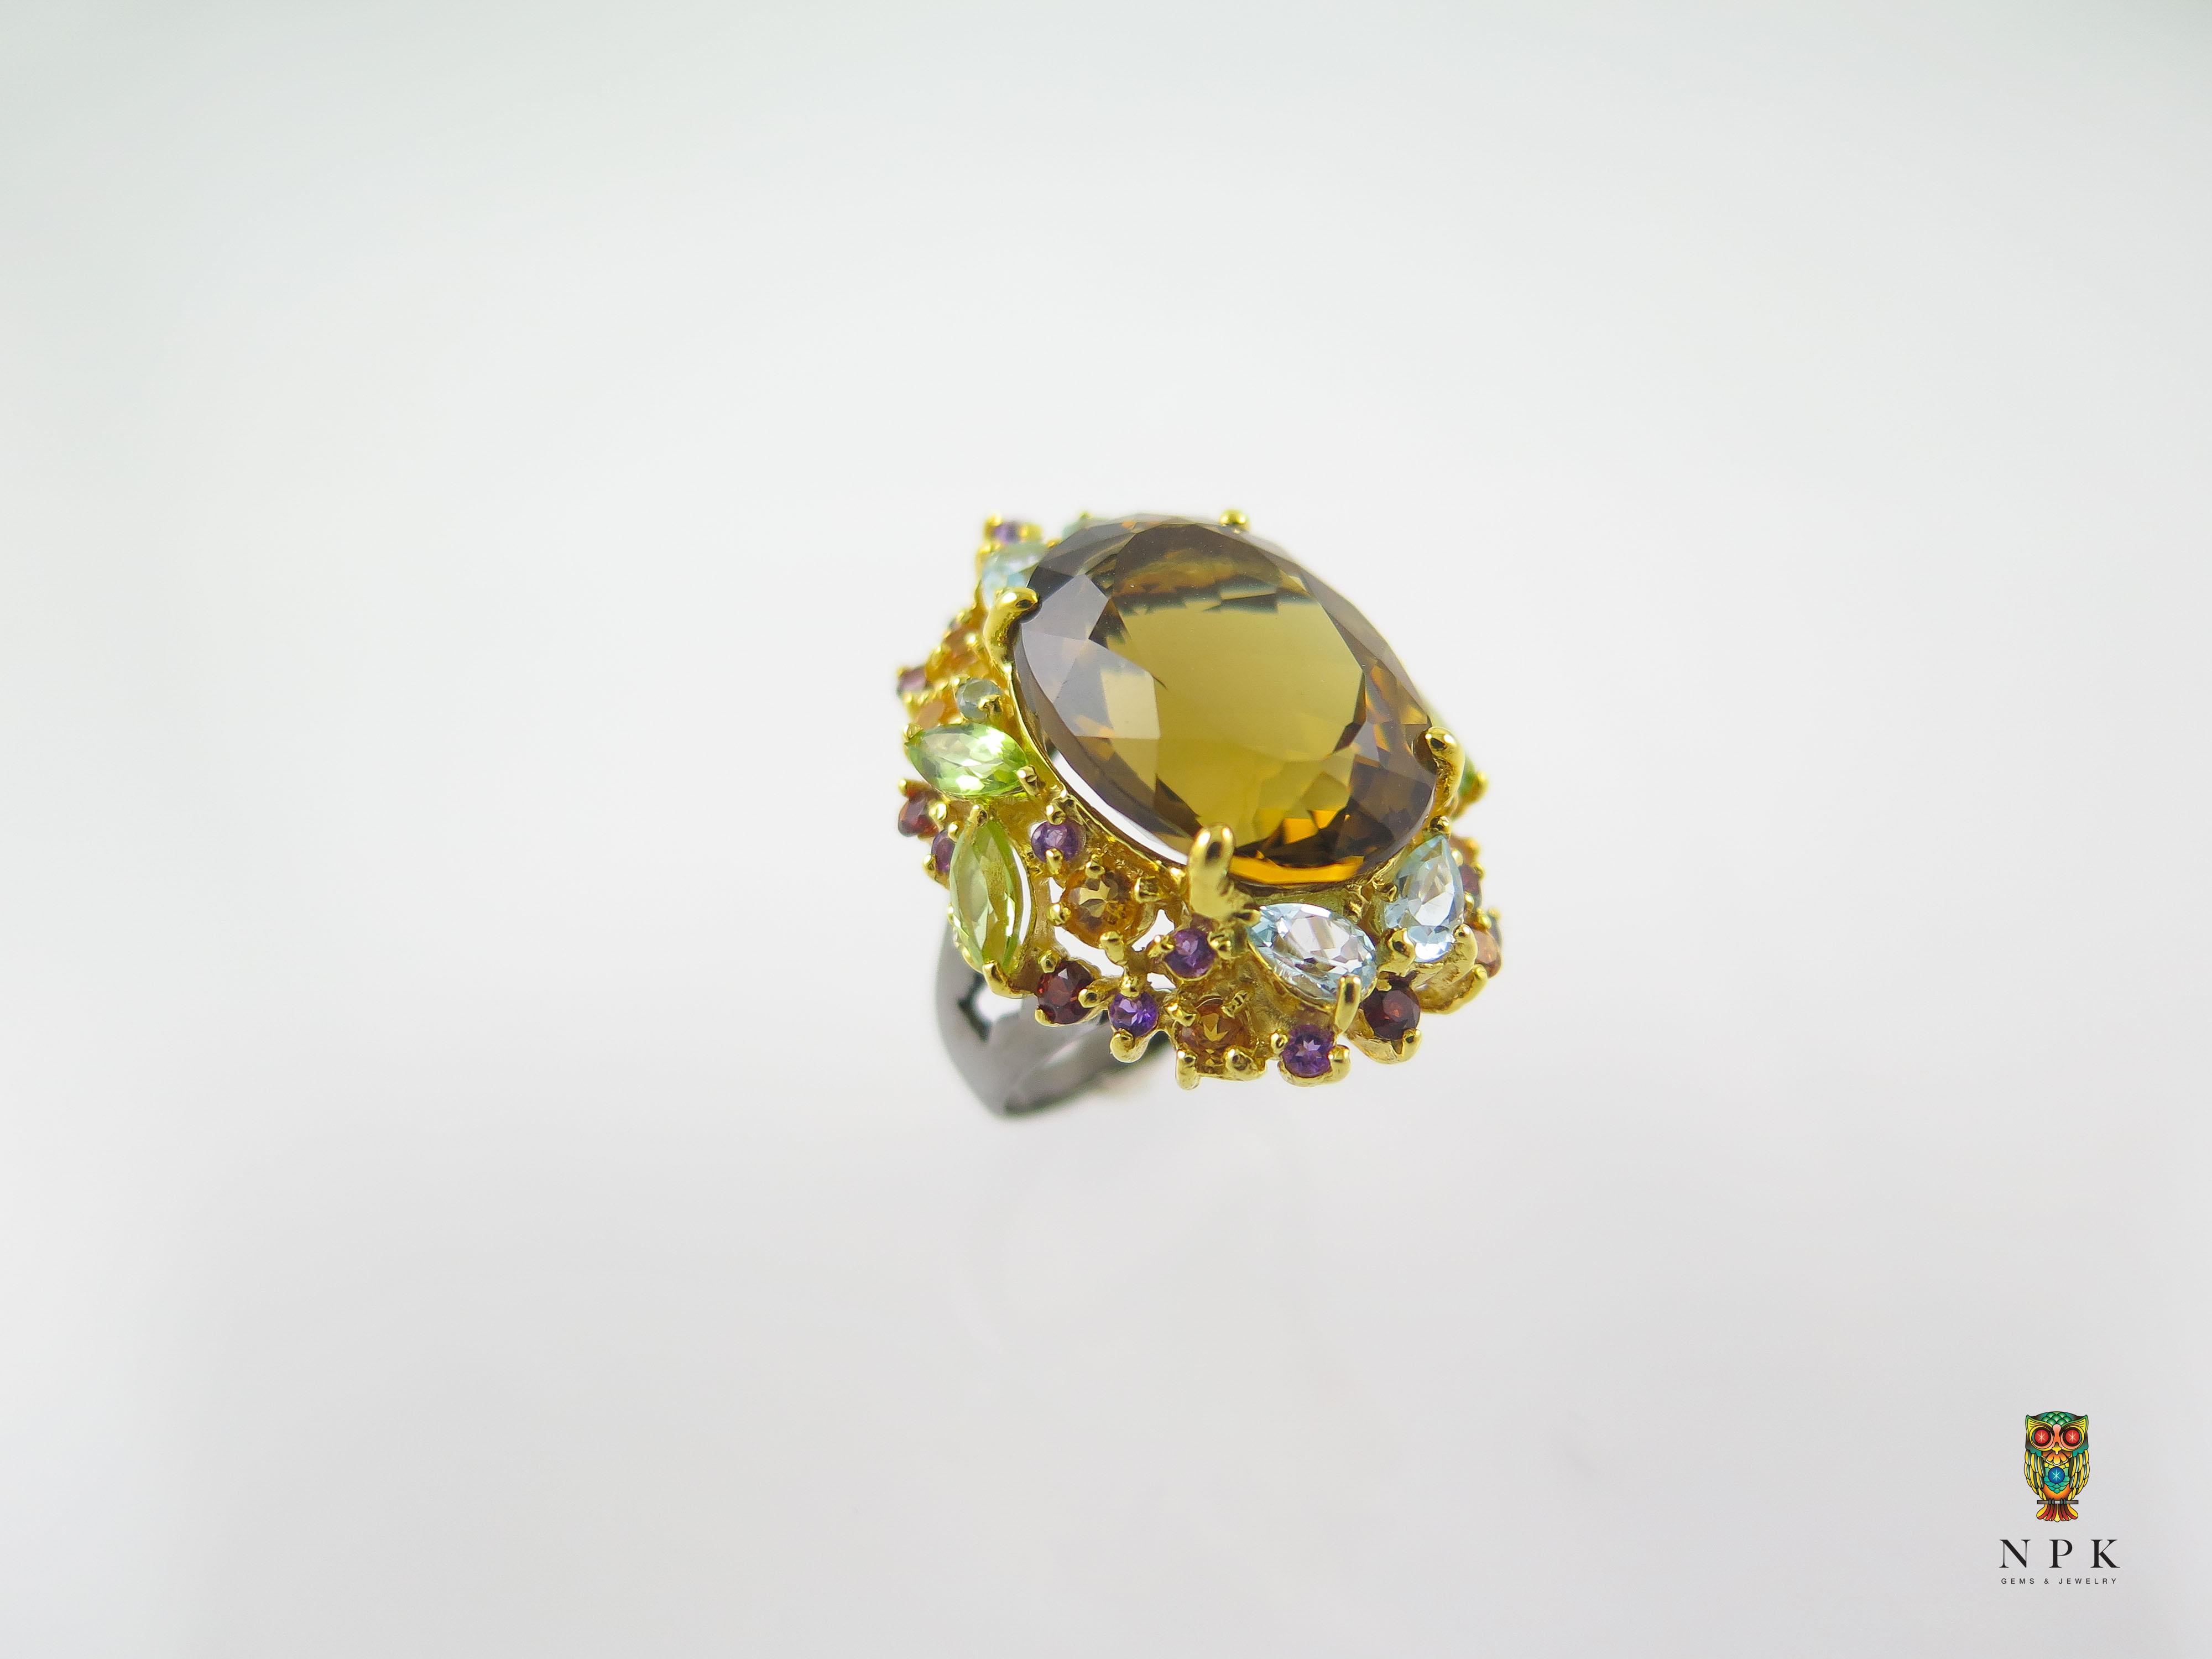 แหวนซินทรีนเข้มล้อมแฟนซี (citrine with fancy gems)